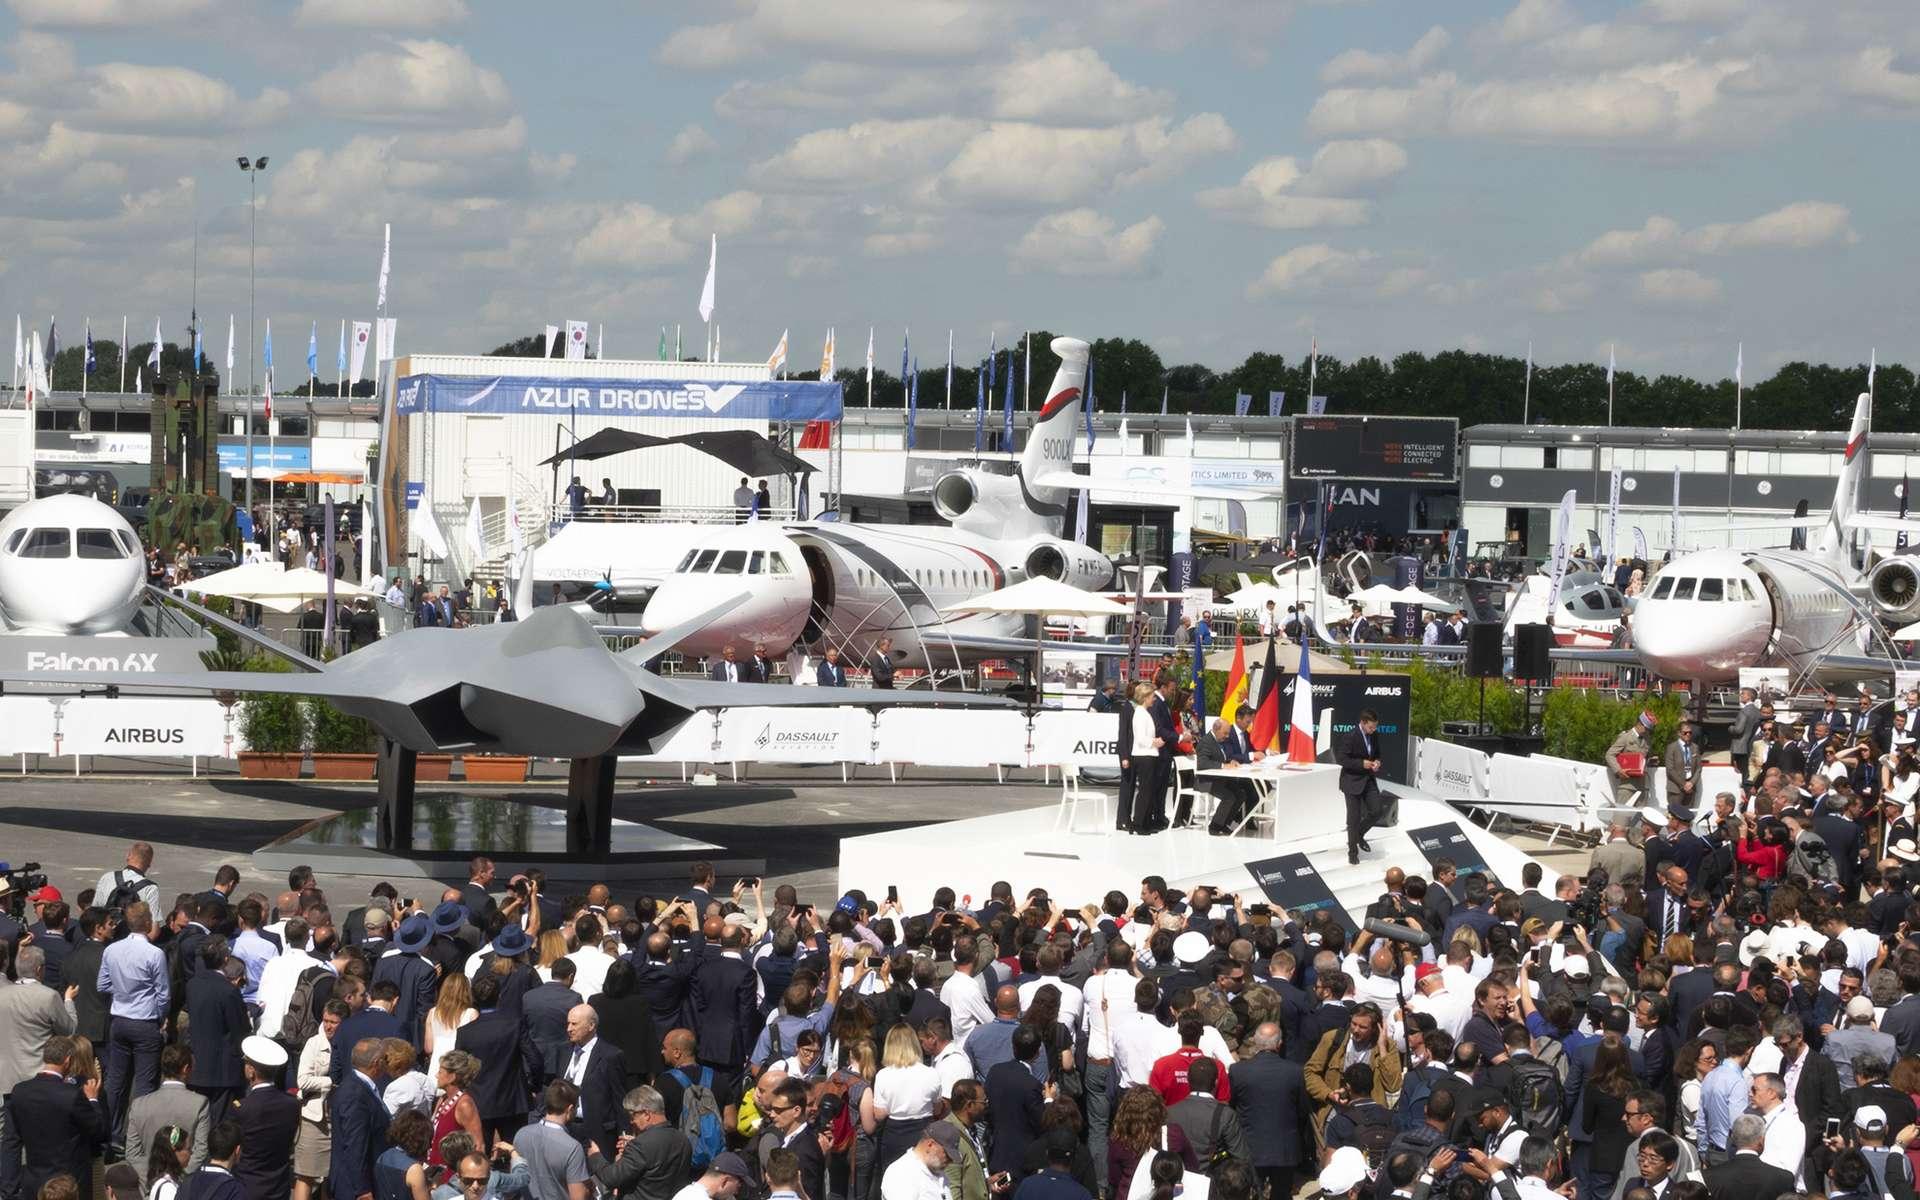 Au Salon du Bourget de 2019, présentation d'une maquette en taille réelle du Scaf (Système de Combat Aérien du Futur) réalisée à partir des travaux de concept et d'architecture de Dassault et Airbus. © Remy Decourt